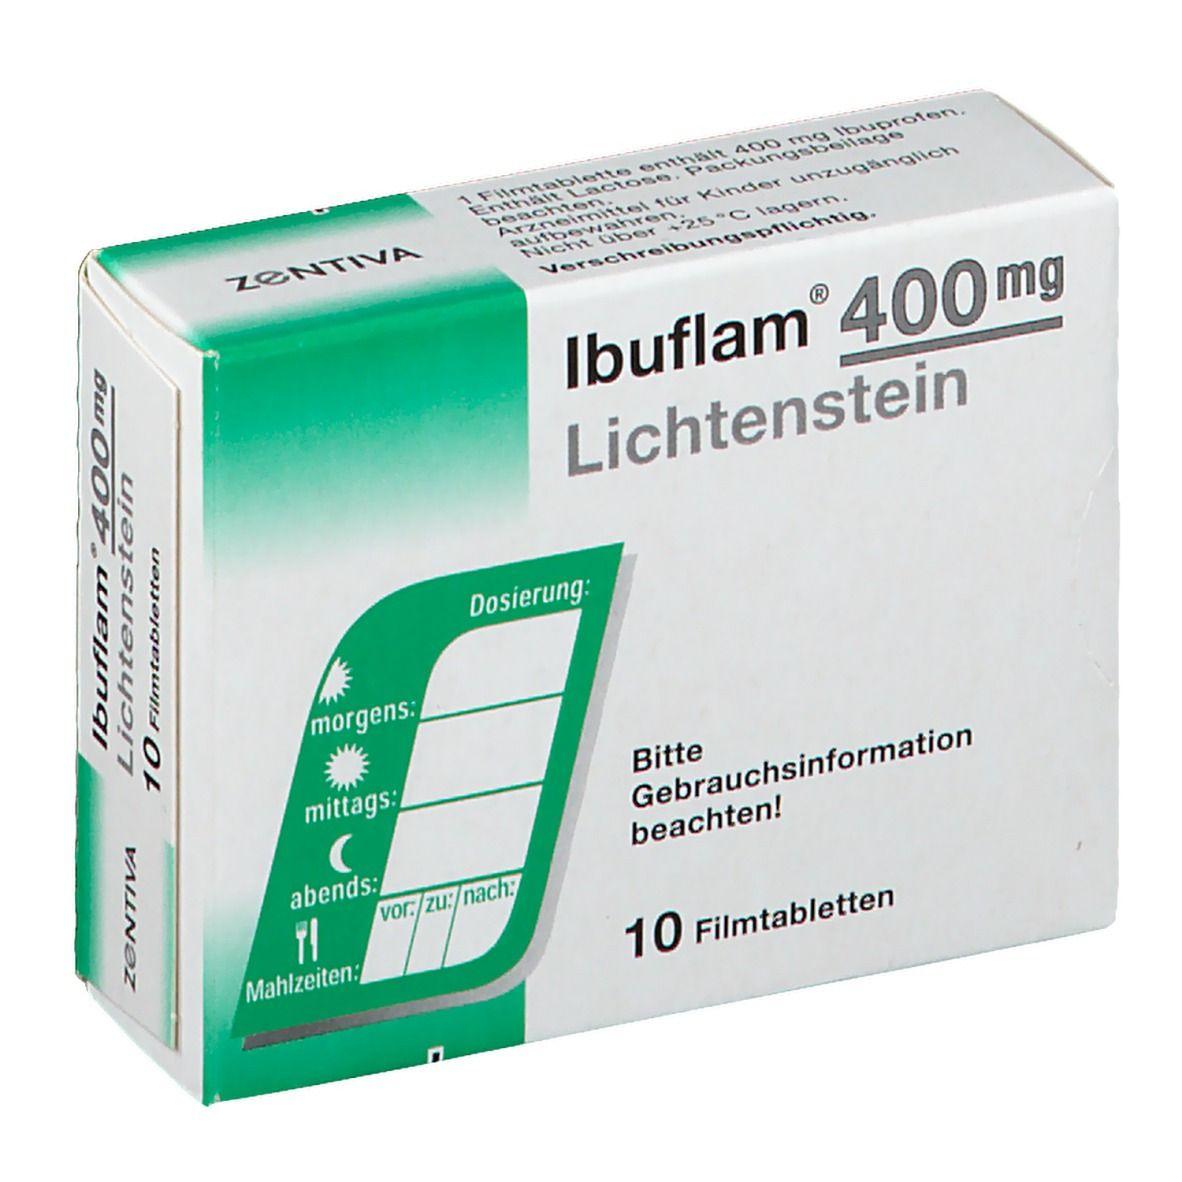 IBUFLAM 400 mg Lichtenstein Filmtabletten 10 St - shop